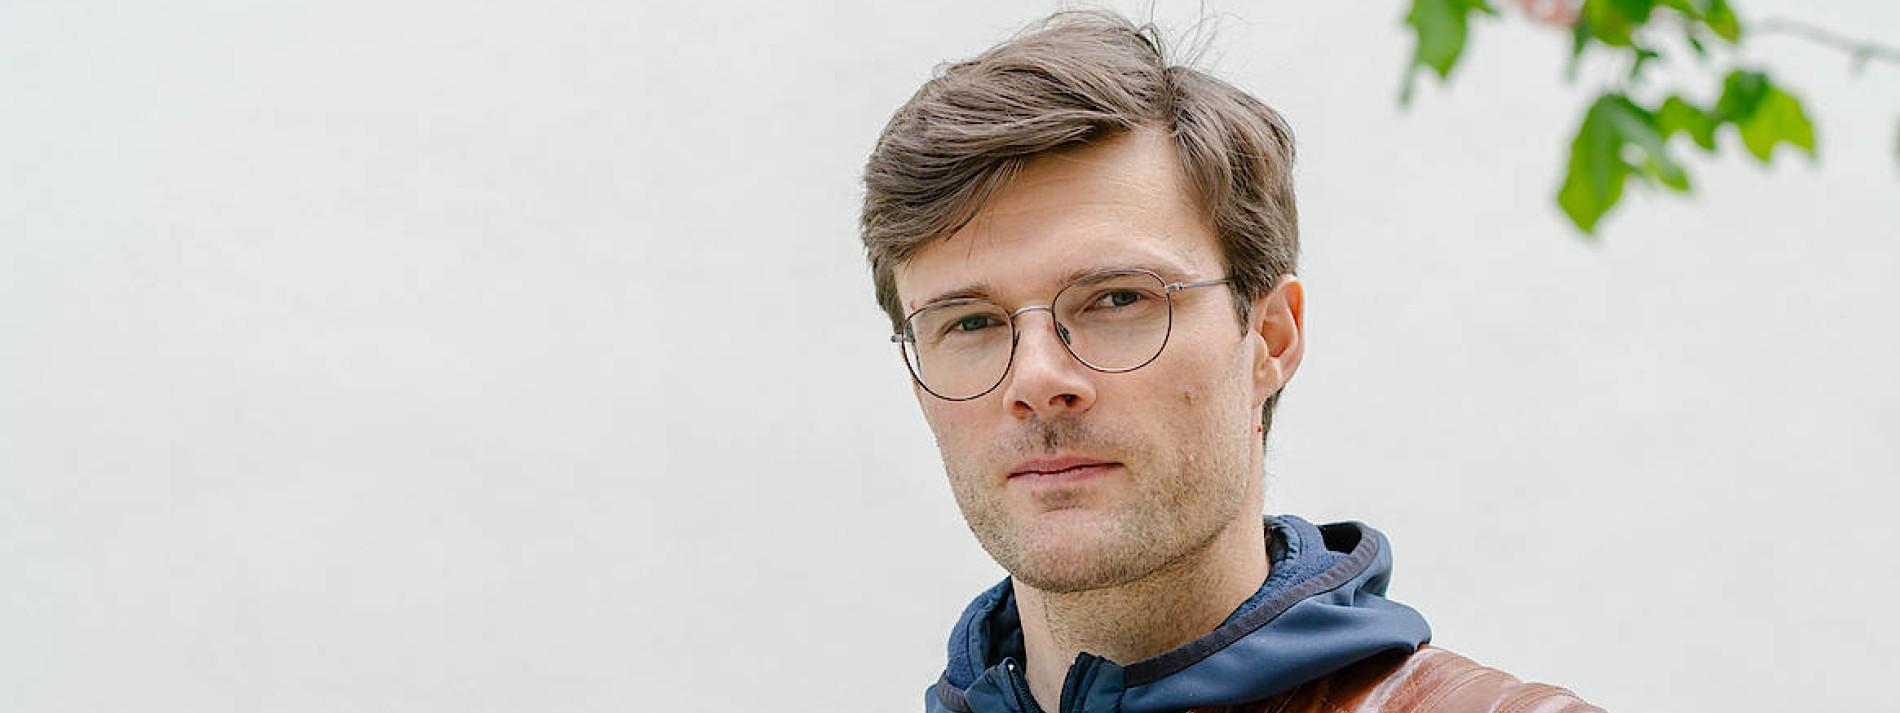 Frankfurter Gründer gewinnt Formel-Eins-Weltmeister